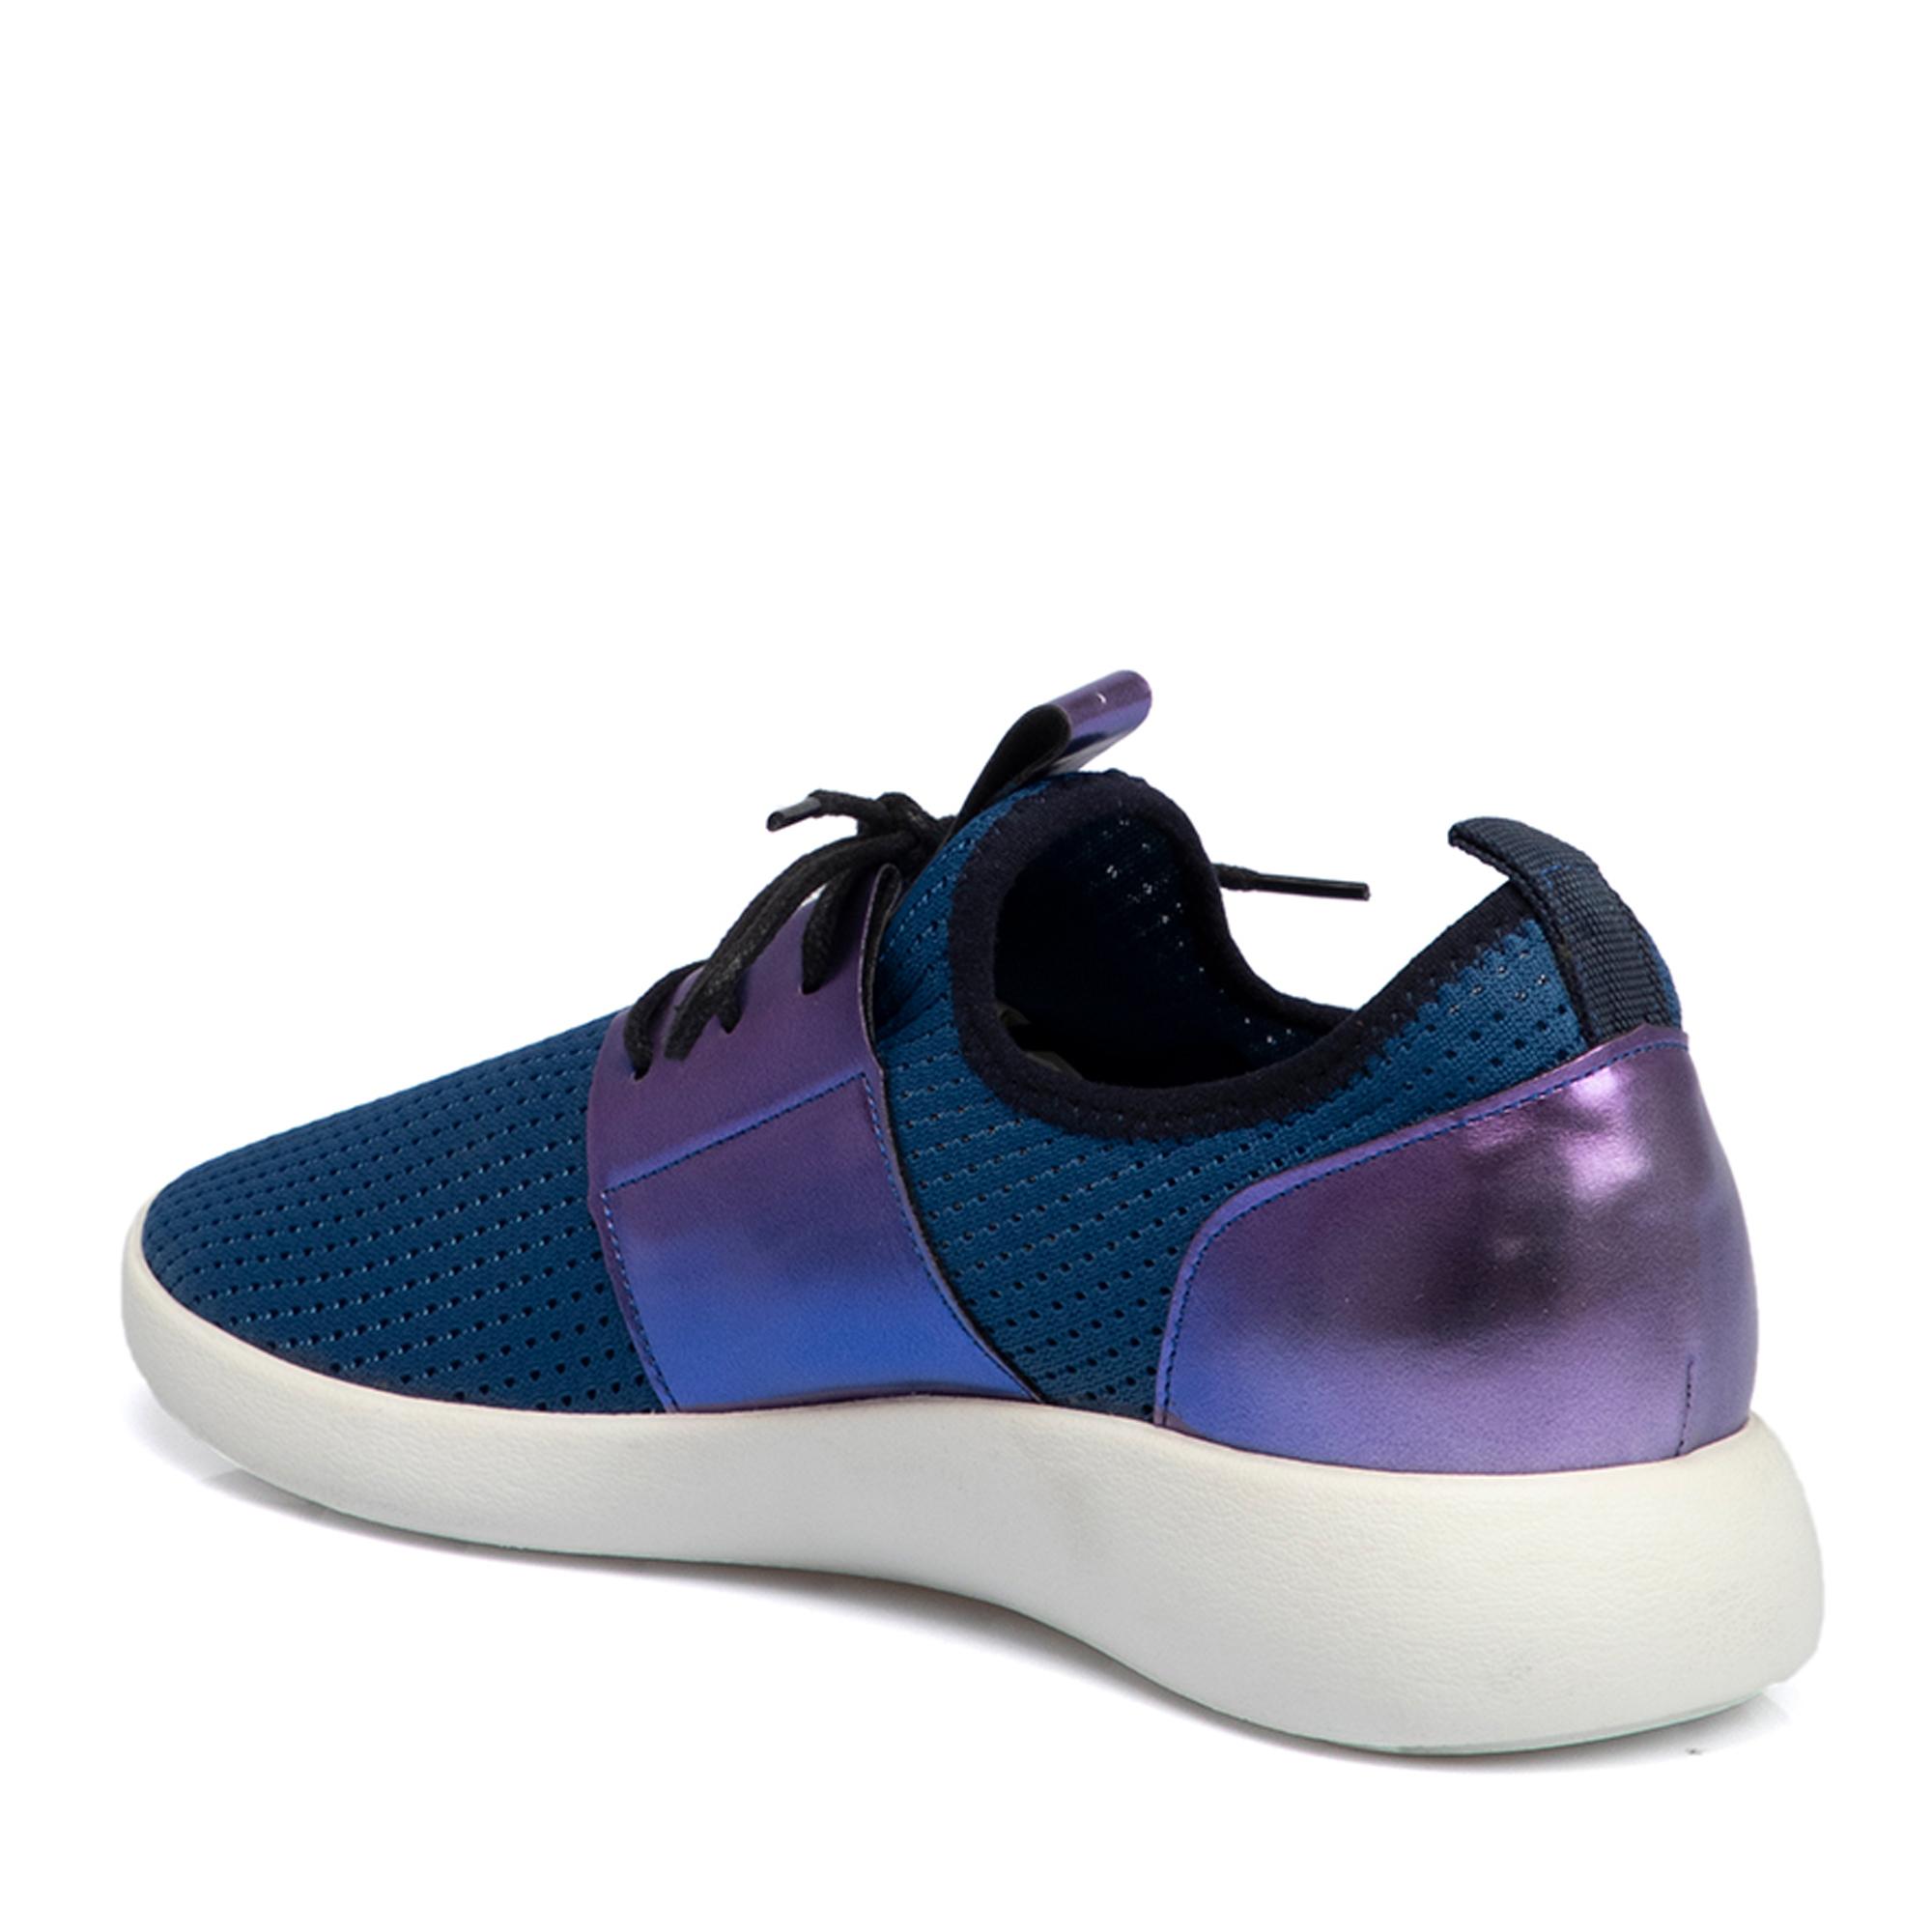 Lacivert-File Tekstil Kadın Ayakkabı 64469N5L